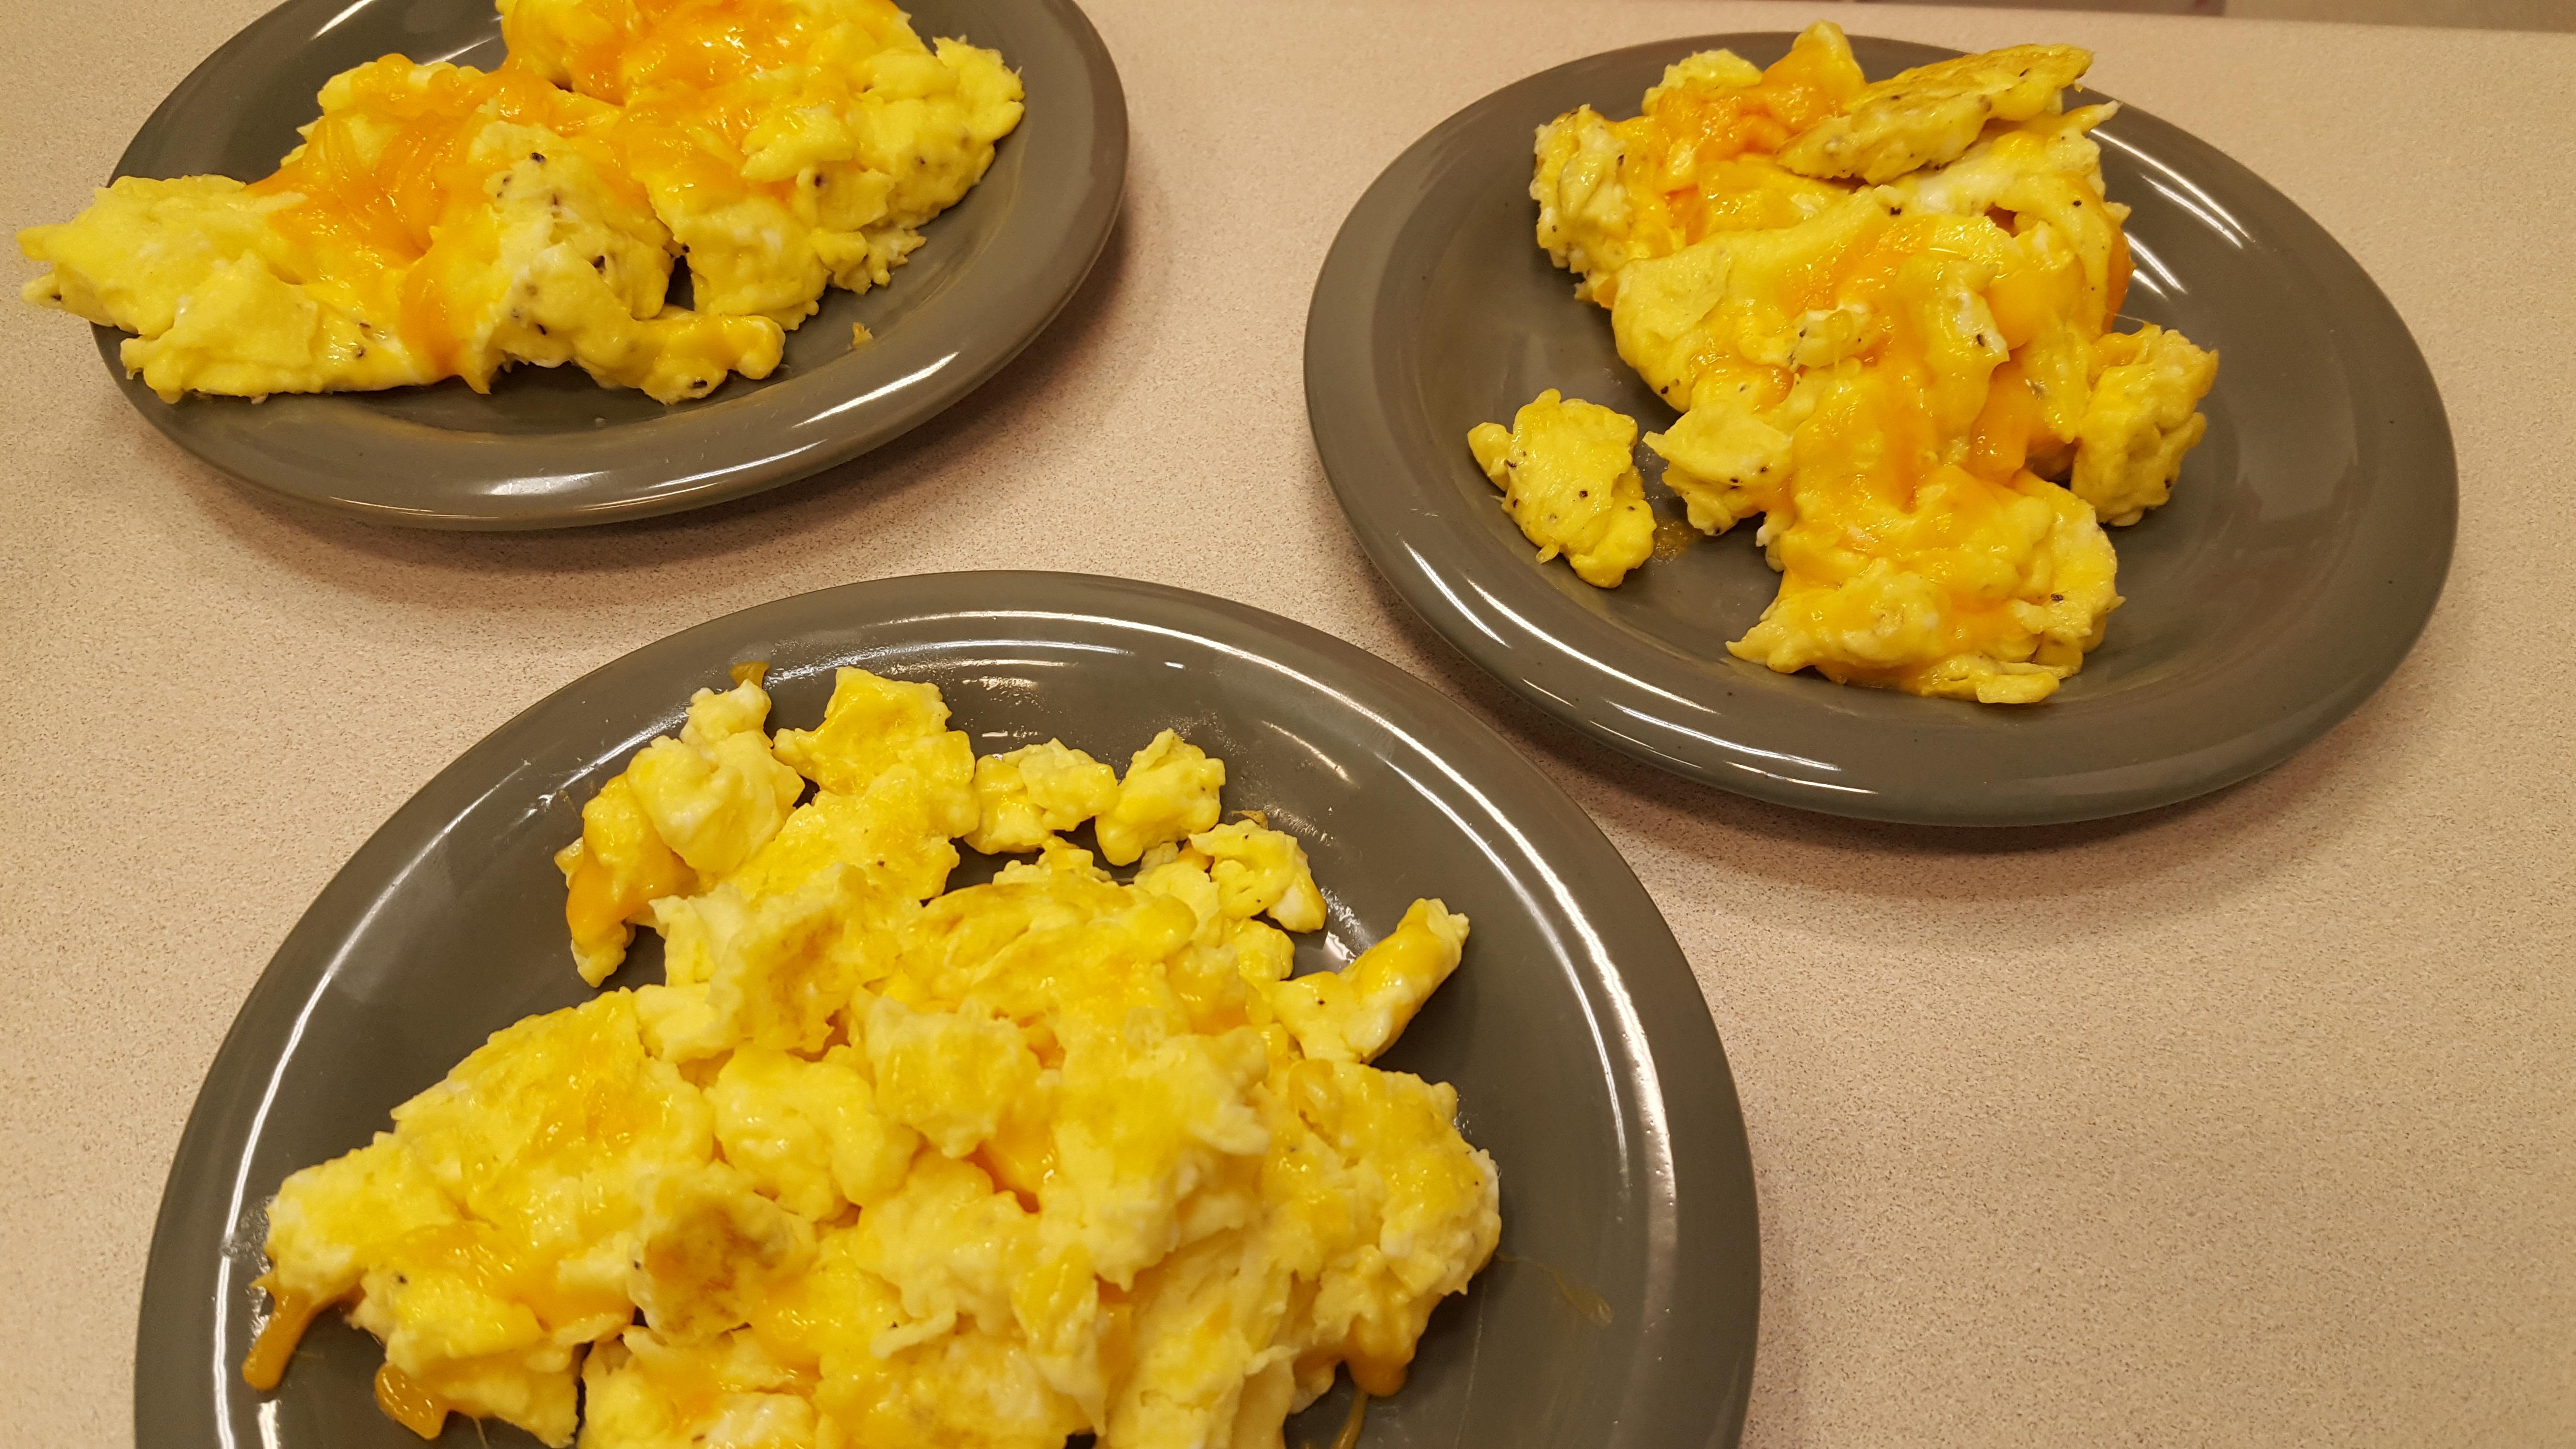 Eggs-treme Challenge